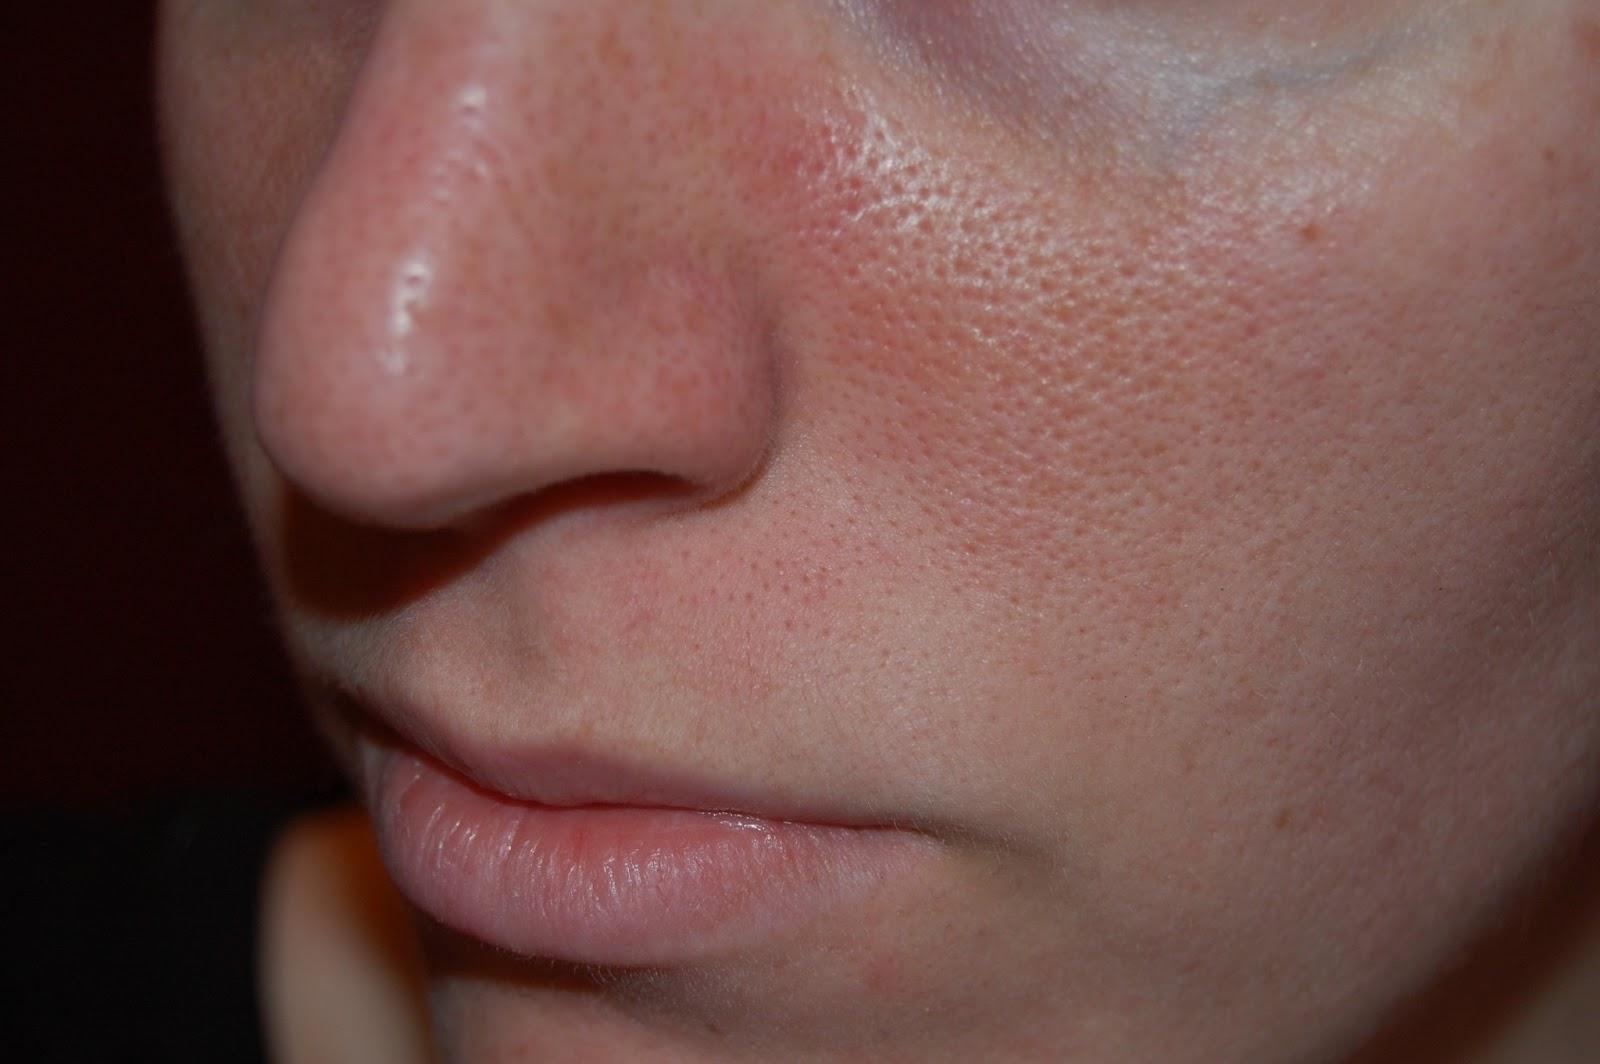 Áp dụng phương pháp này, lỗ chân lông to cỡ nào cũng se 'khít khìn khịt' giúp da bóng mịn, trắng hồng trở lại - Ảnh 1